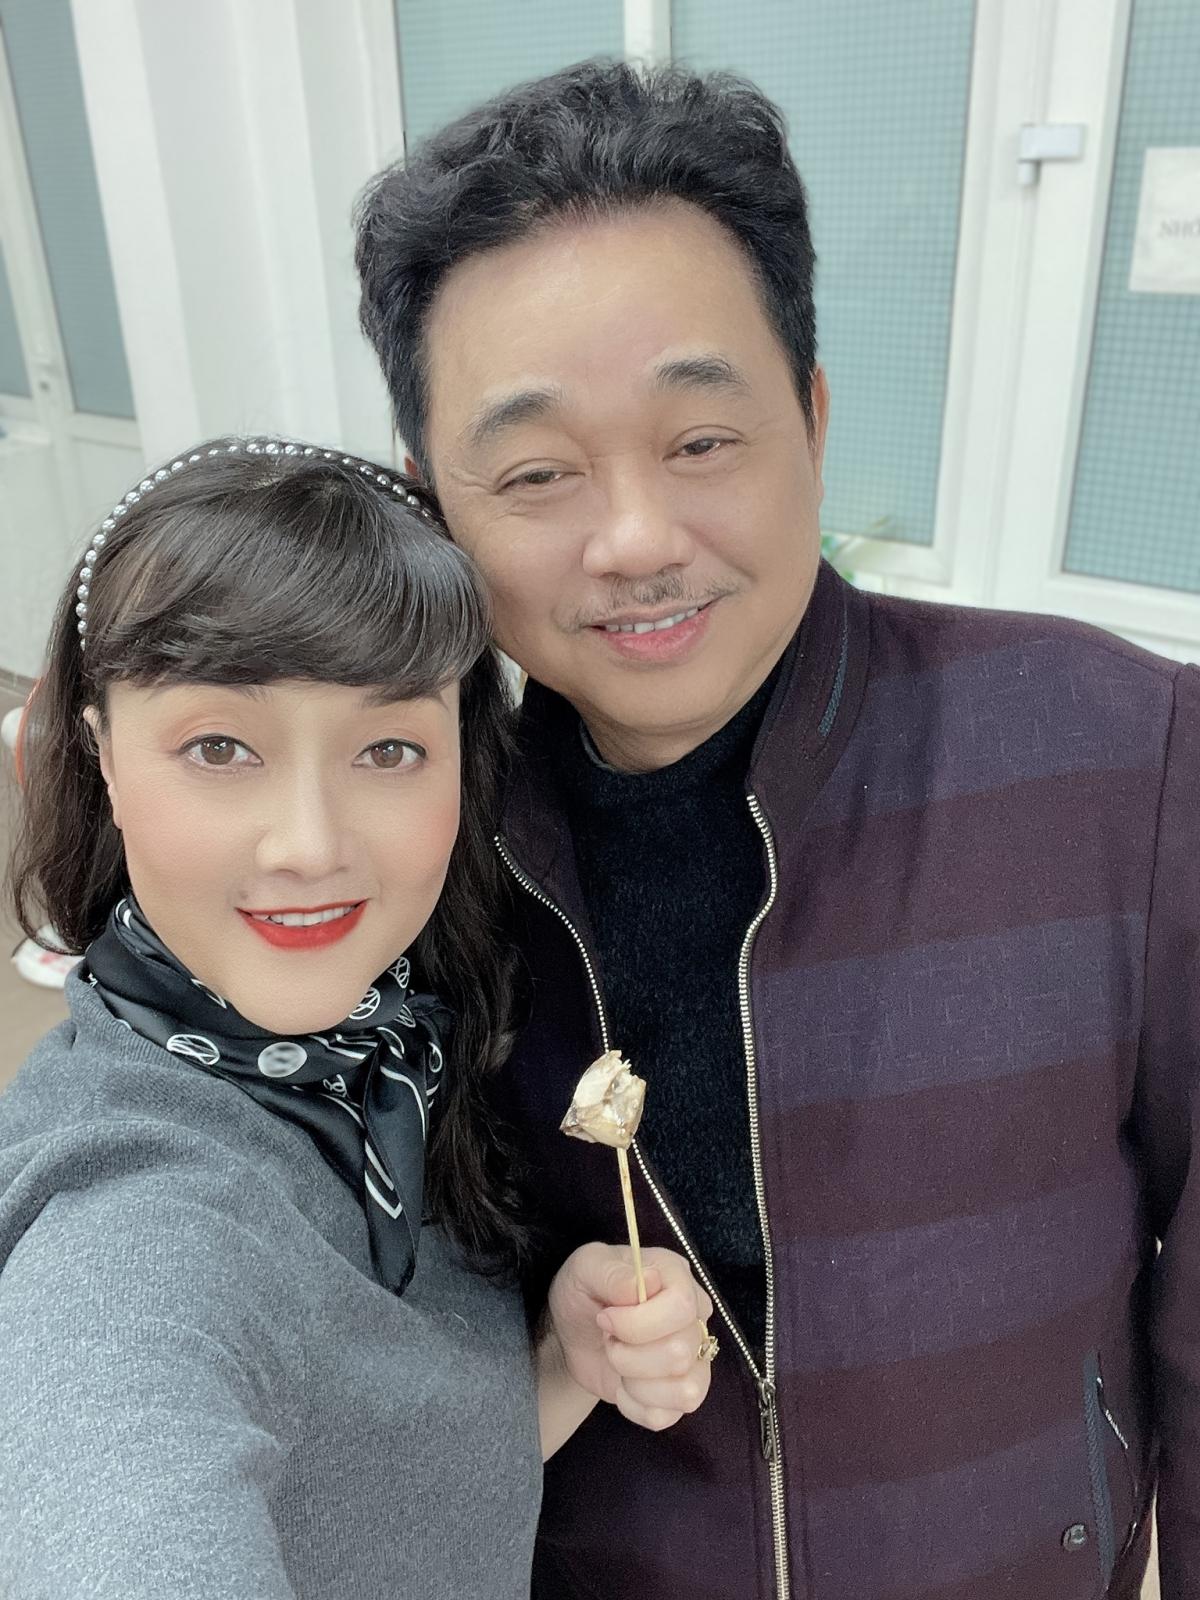 Chỉ còn gần 1 tháng nữa là Tết Nguyên đán, thời tiết ở Hà Nội rất lạnh song các nghệ sĩ không quản ngại vất vả để đem tới cho khán giả một chương trình đảm bảo chất lượng, chuẩn thương hiệu Táo quân.